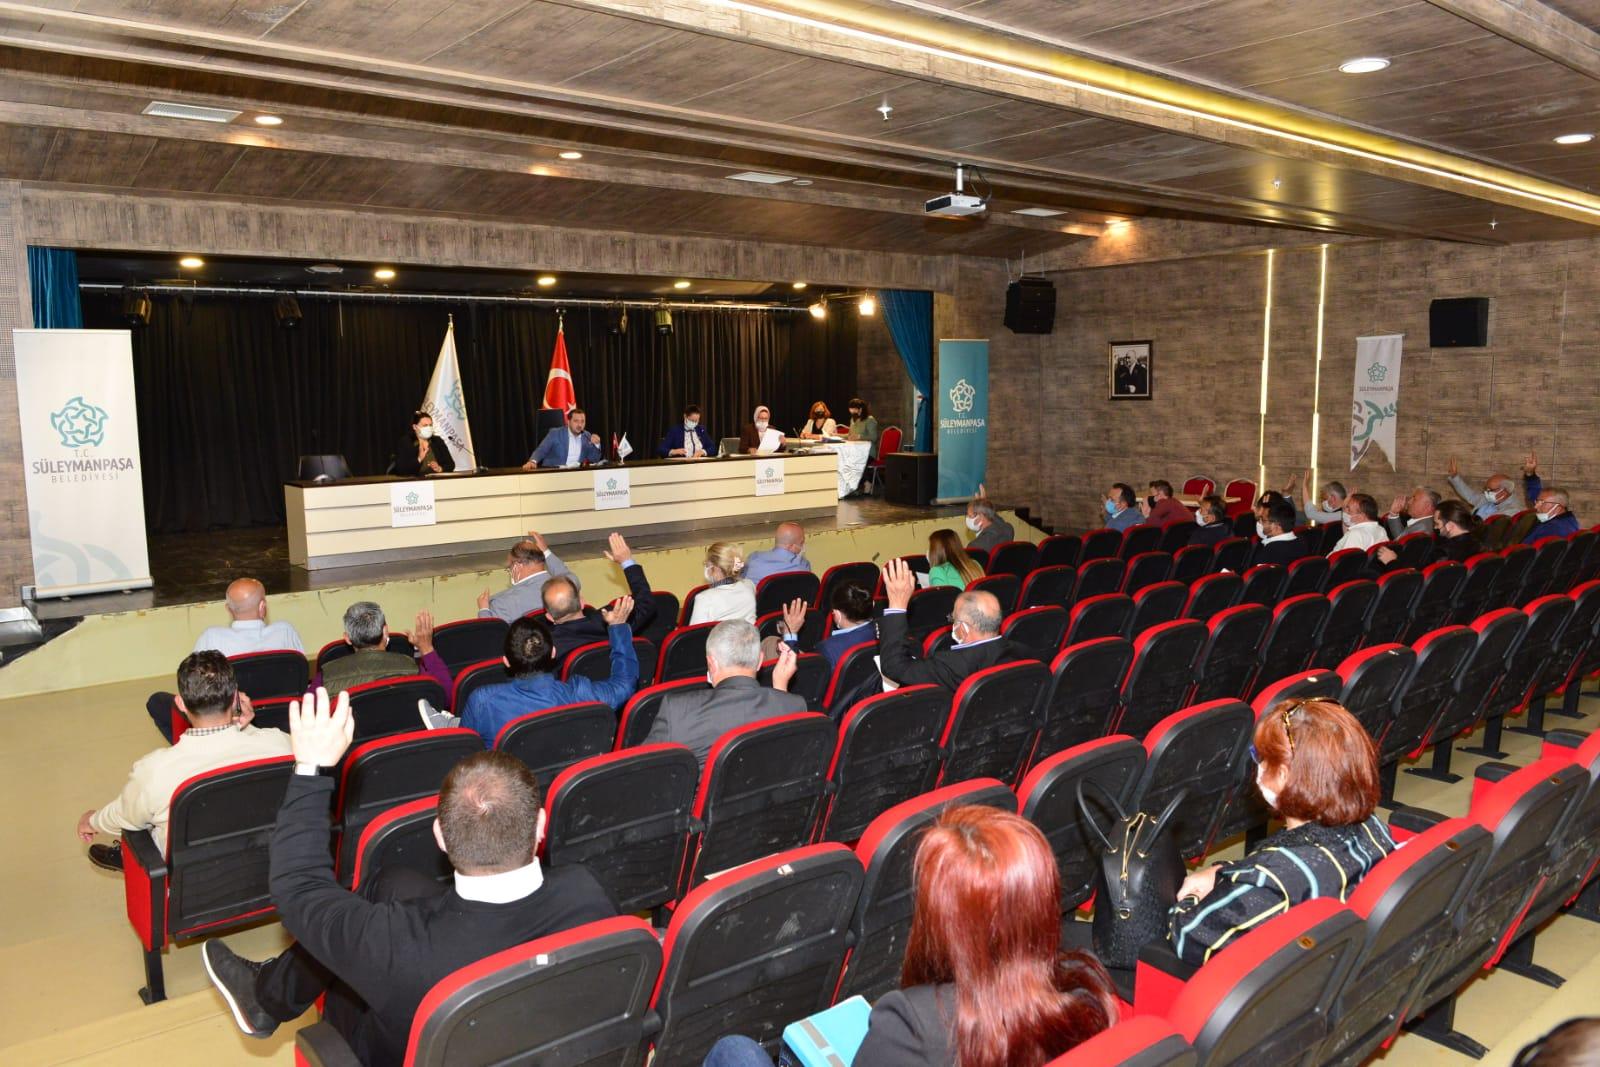 Süleymanpaşa Belediye Meclisi, küçük esnafa destek gündemiyle olağanüstü toplandı